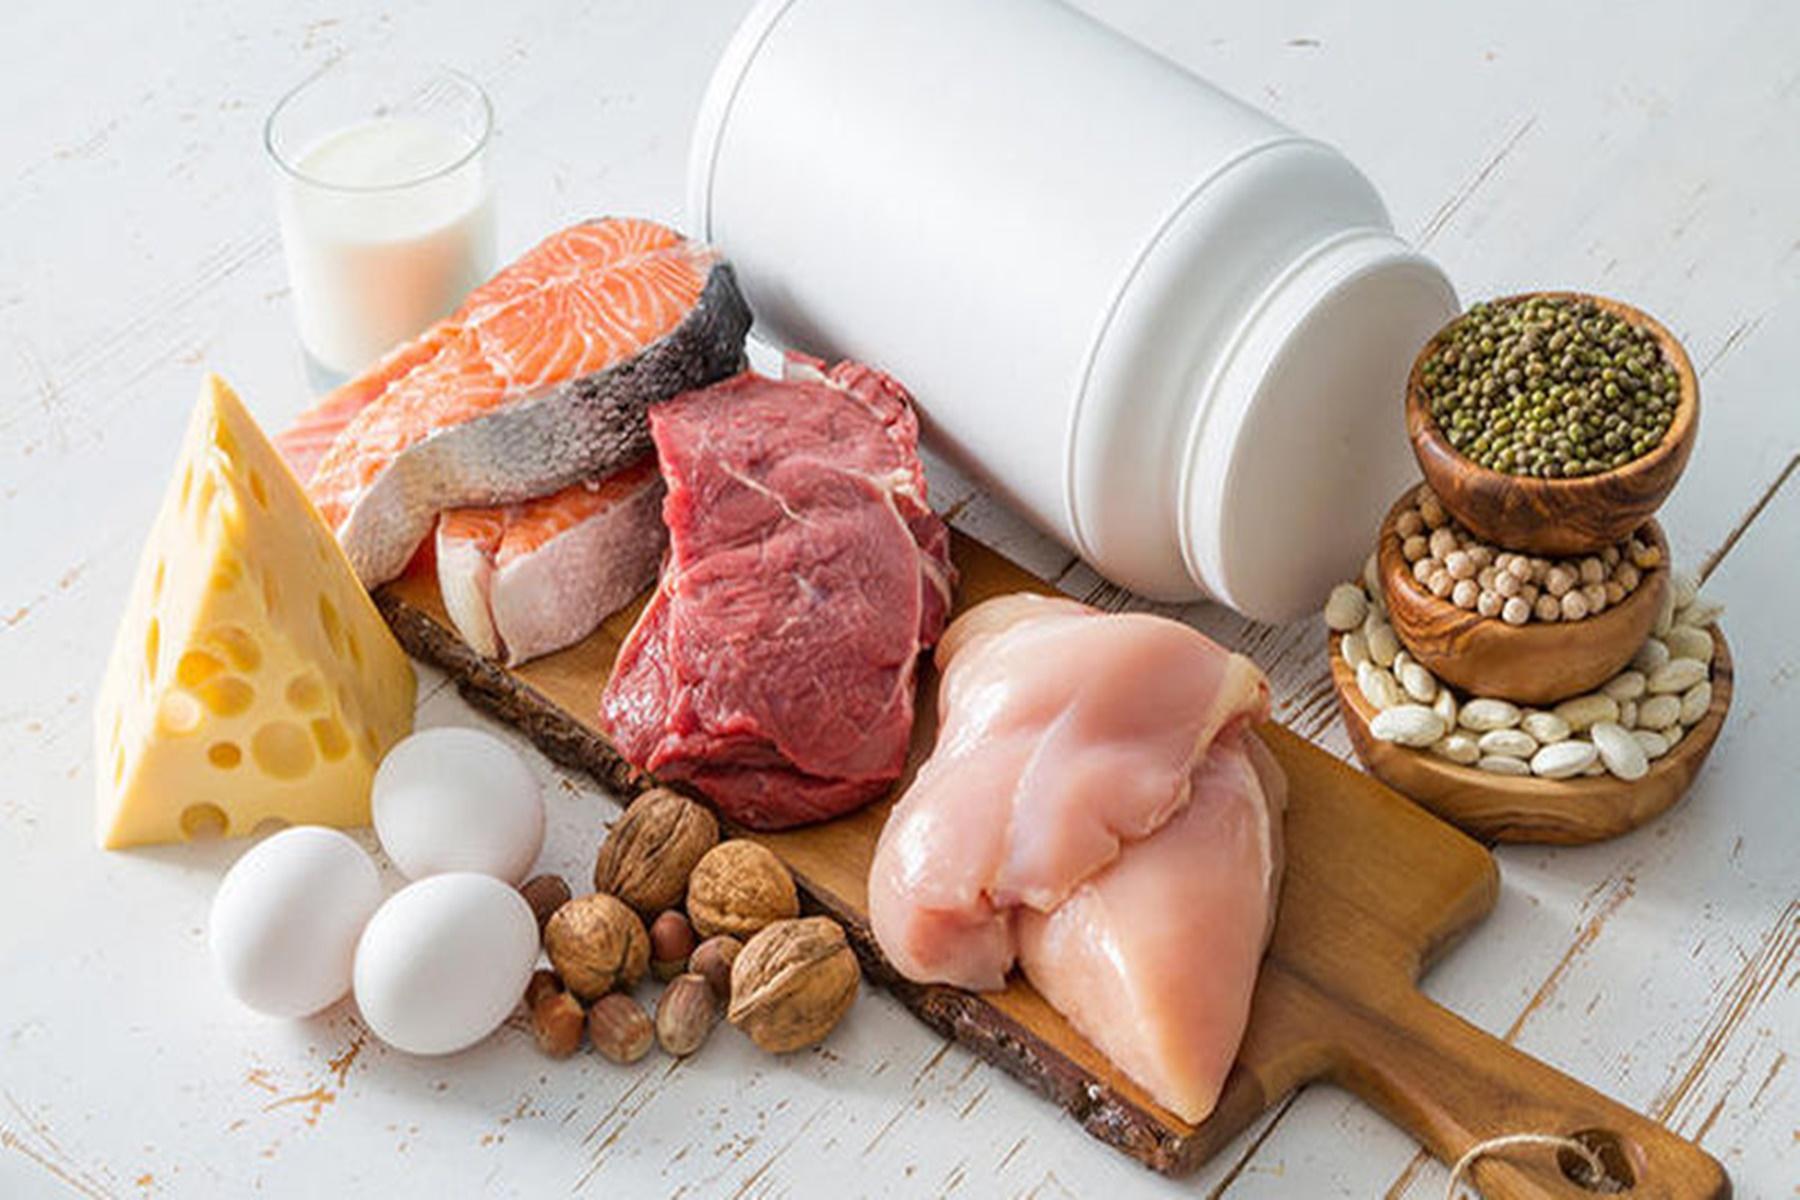 Διατροφή : Τρόφιμα με υψηλή περιεκτικότητα σε πρωτεΐνες